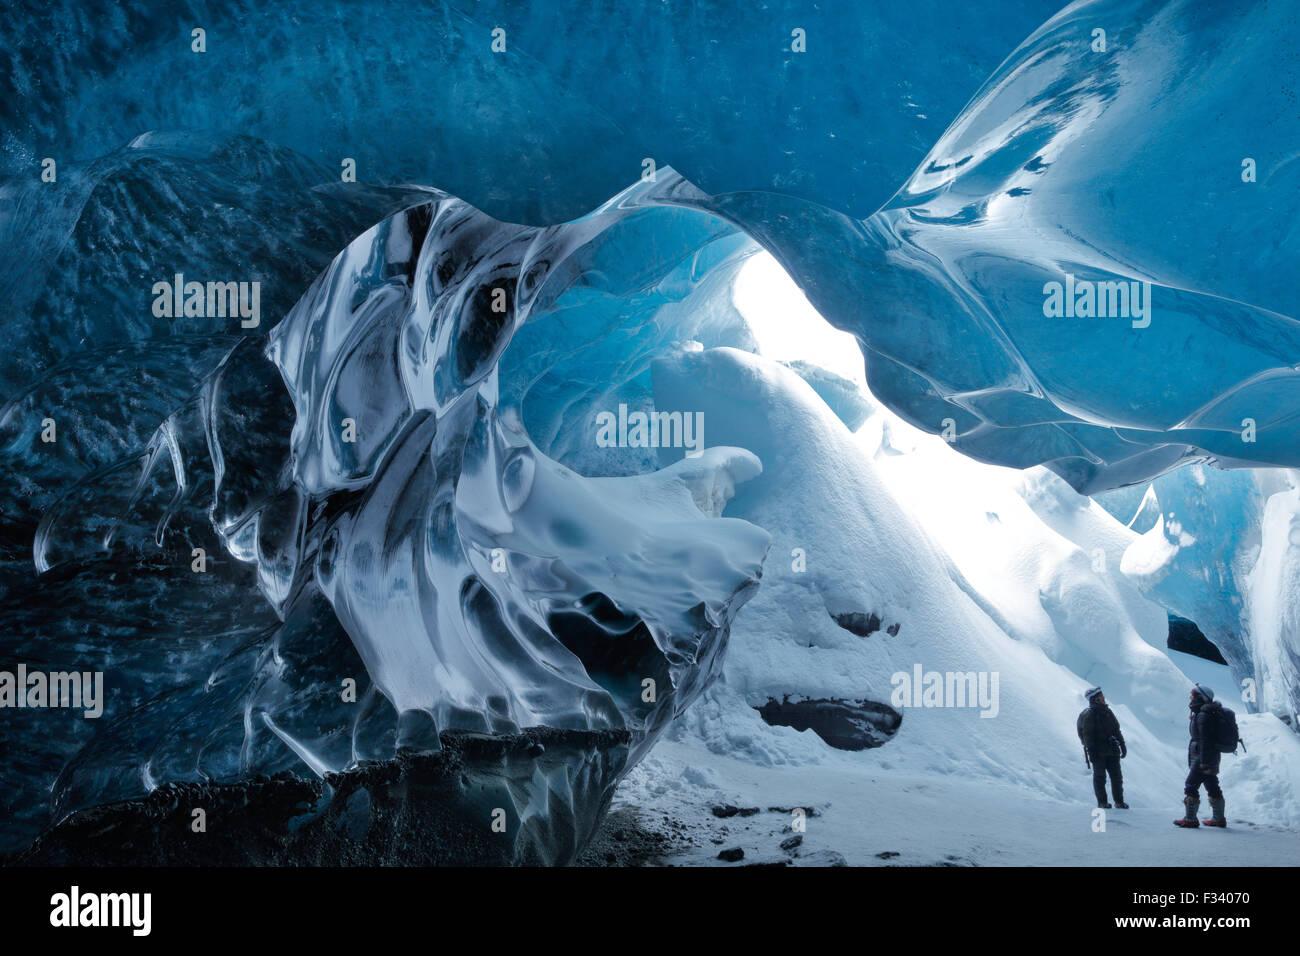 Une grotte de glace sous le glacier, Breidemerkurjokull est de l'Islande Photo Stock